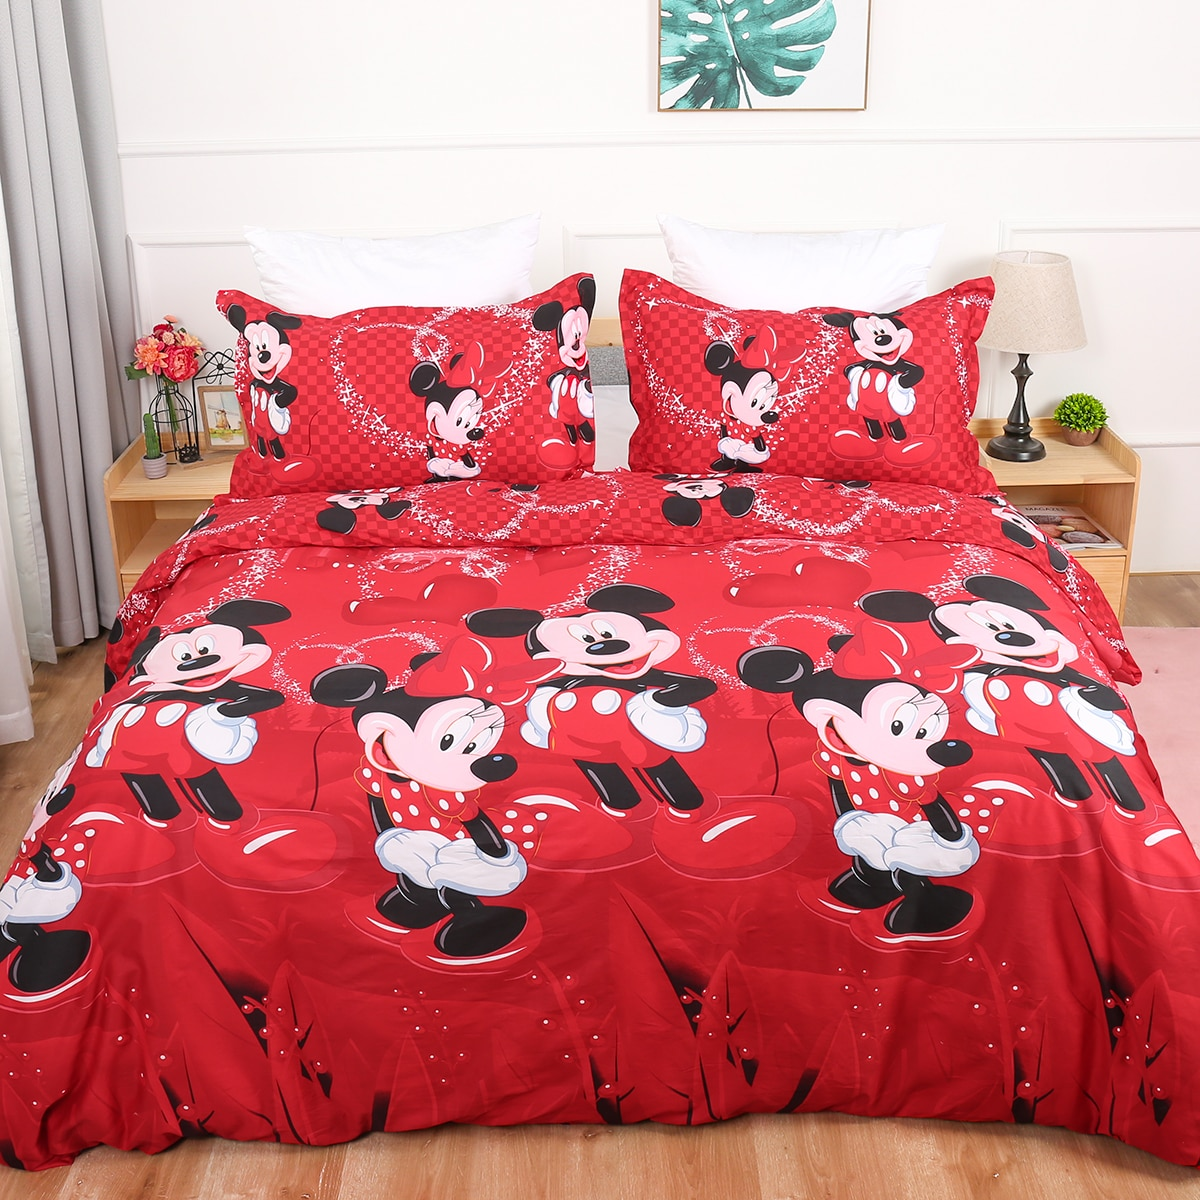 Disney Mickey Minnie Bettwäsche set 100% Baumwolle Rot Mickey Bettbezug Kinder Bett Set Einzigen königin könig größe bettwäsche